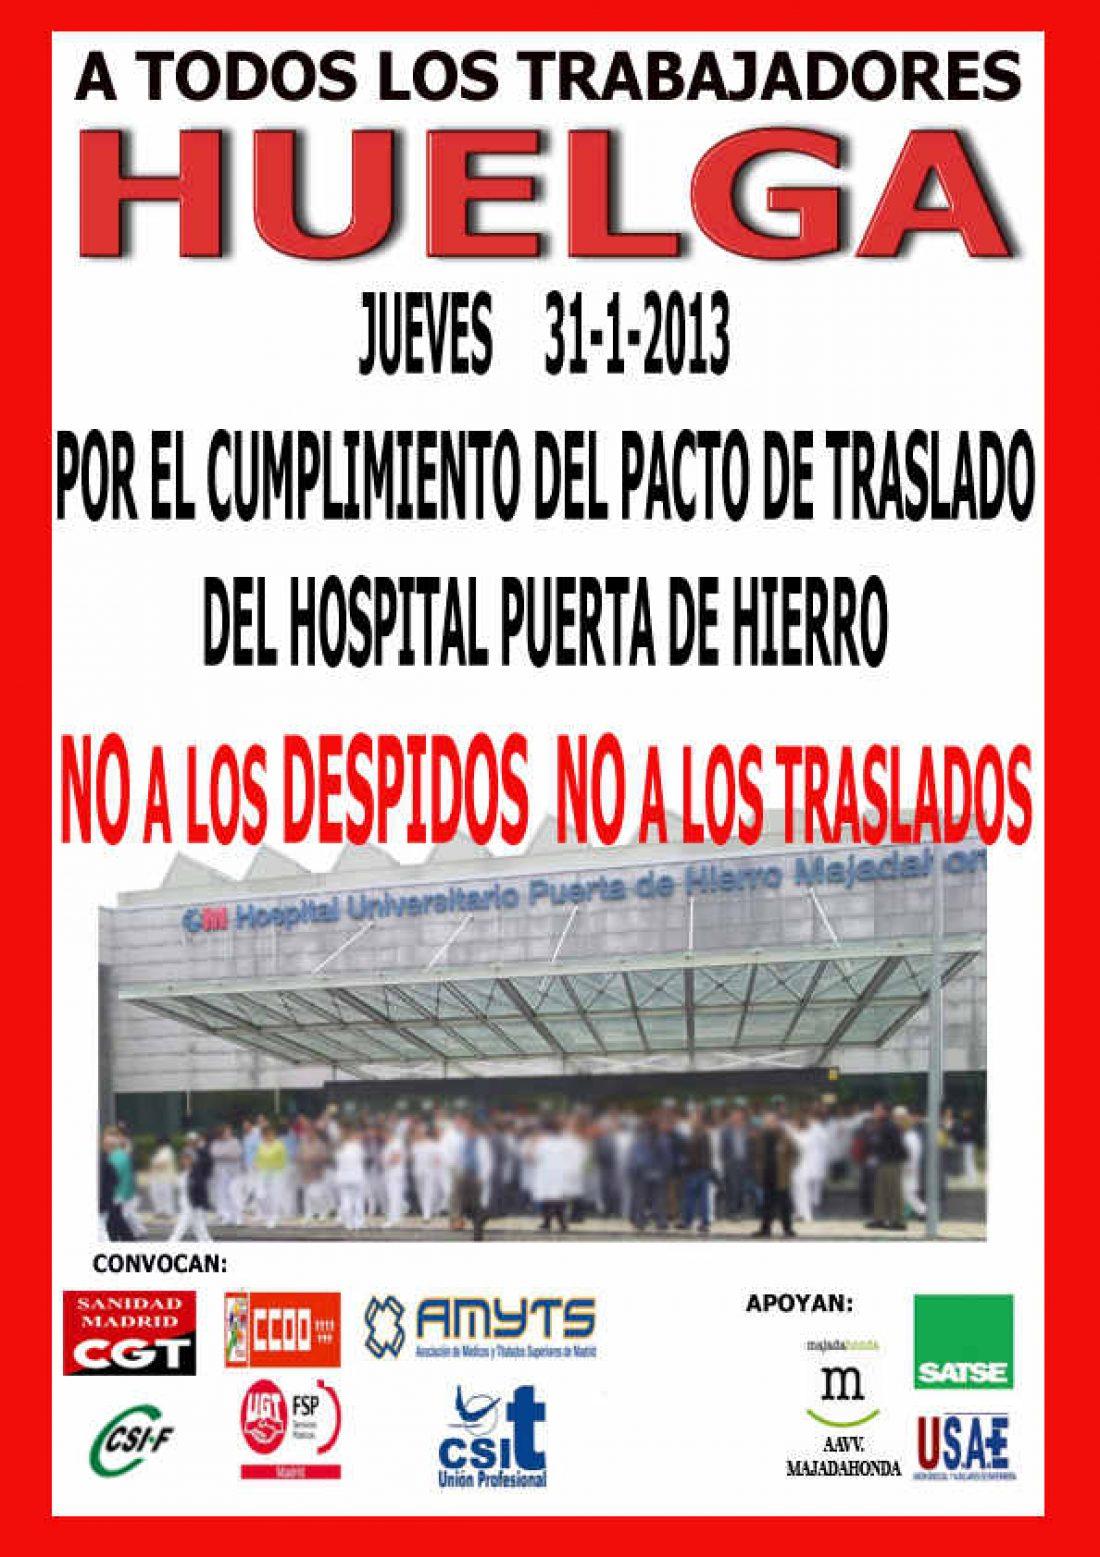 Madrid. 31 de enero Huelga en el Hospital Puerta de Hierro Majahonda